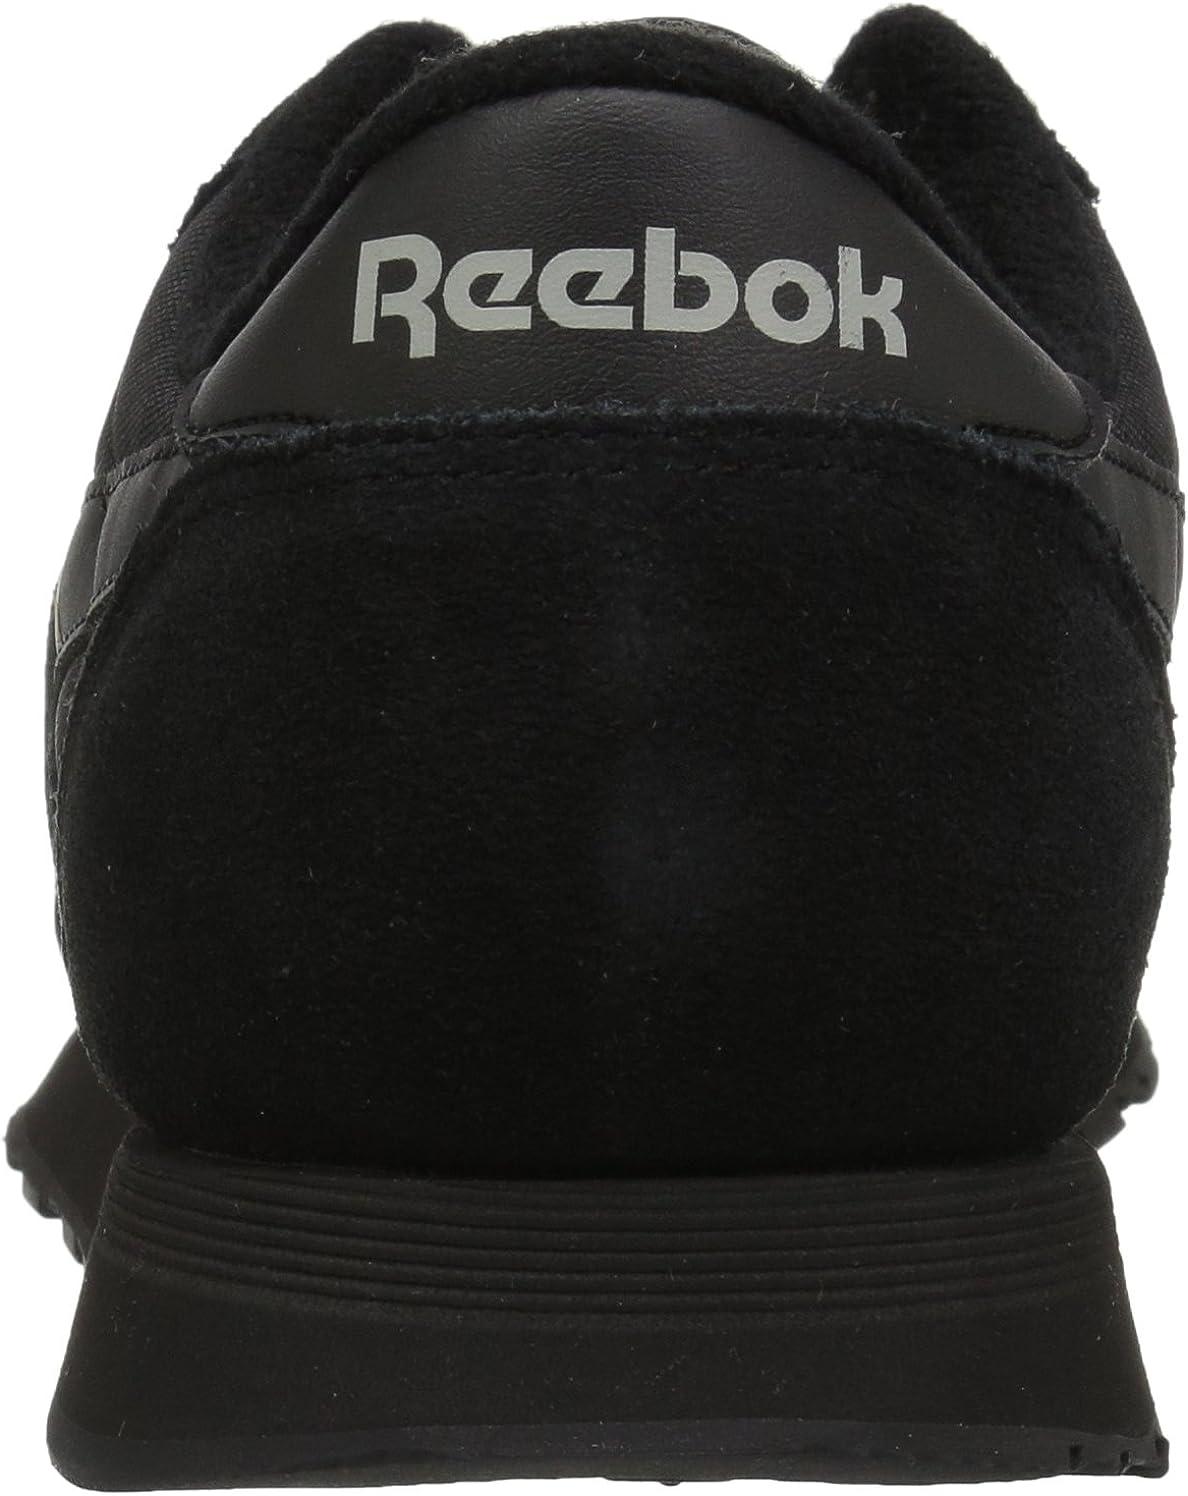 Reebok Classic Nylon Herren Sneakers Schwarz Schwarz Kohle